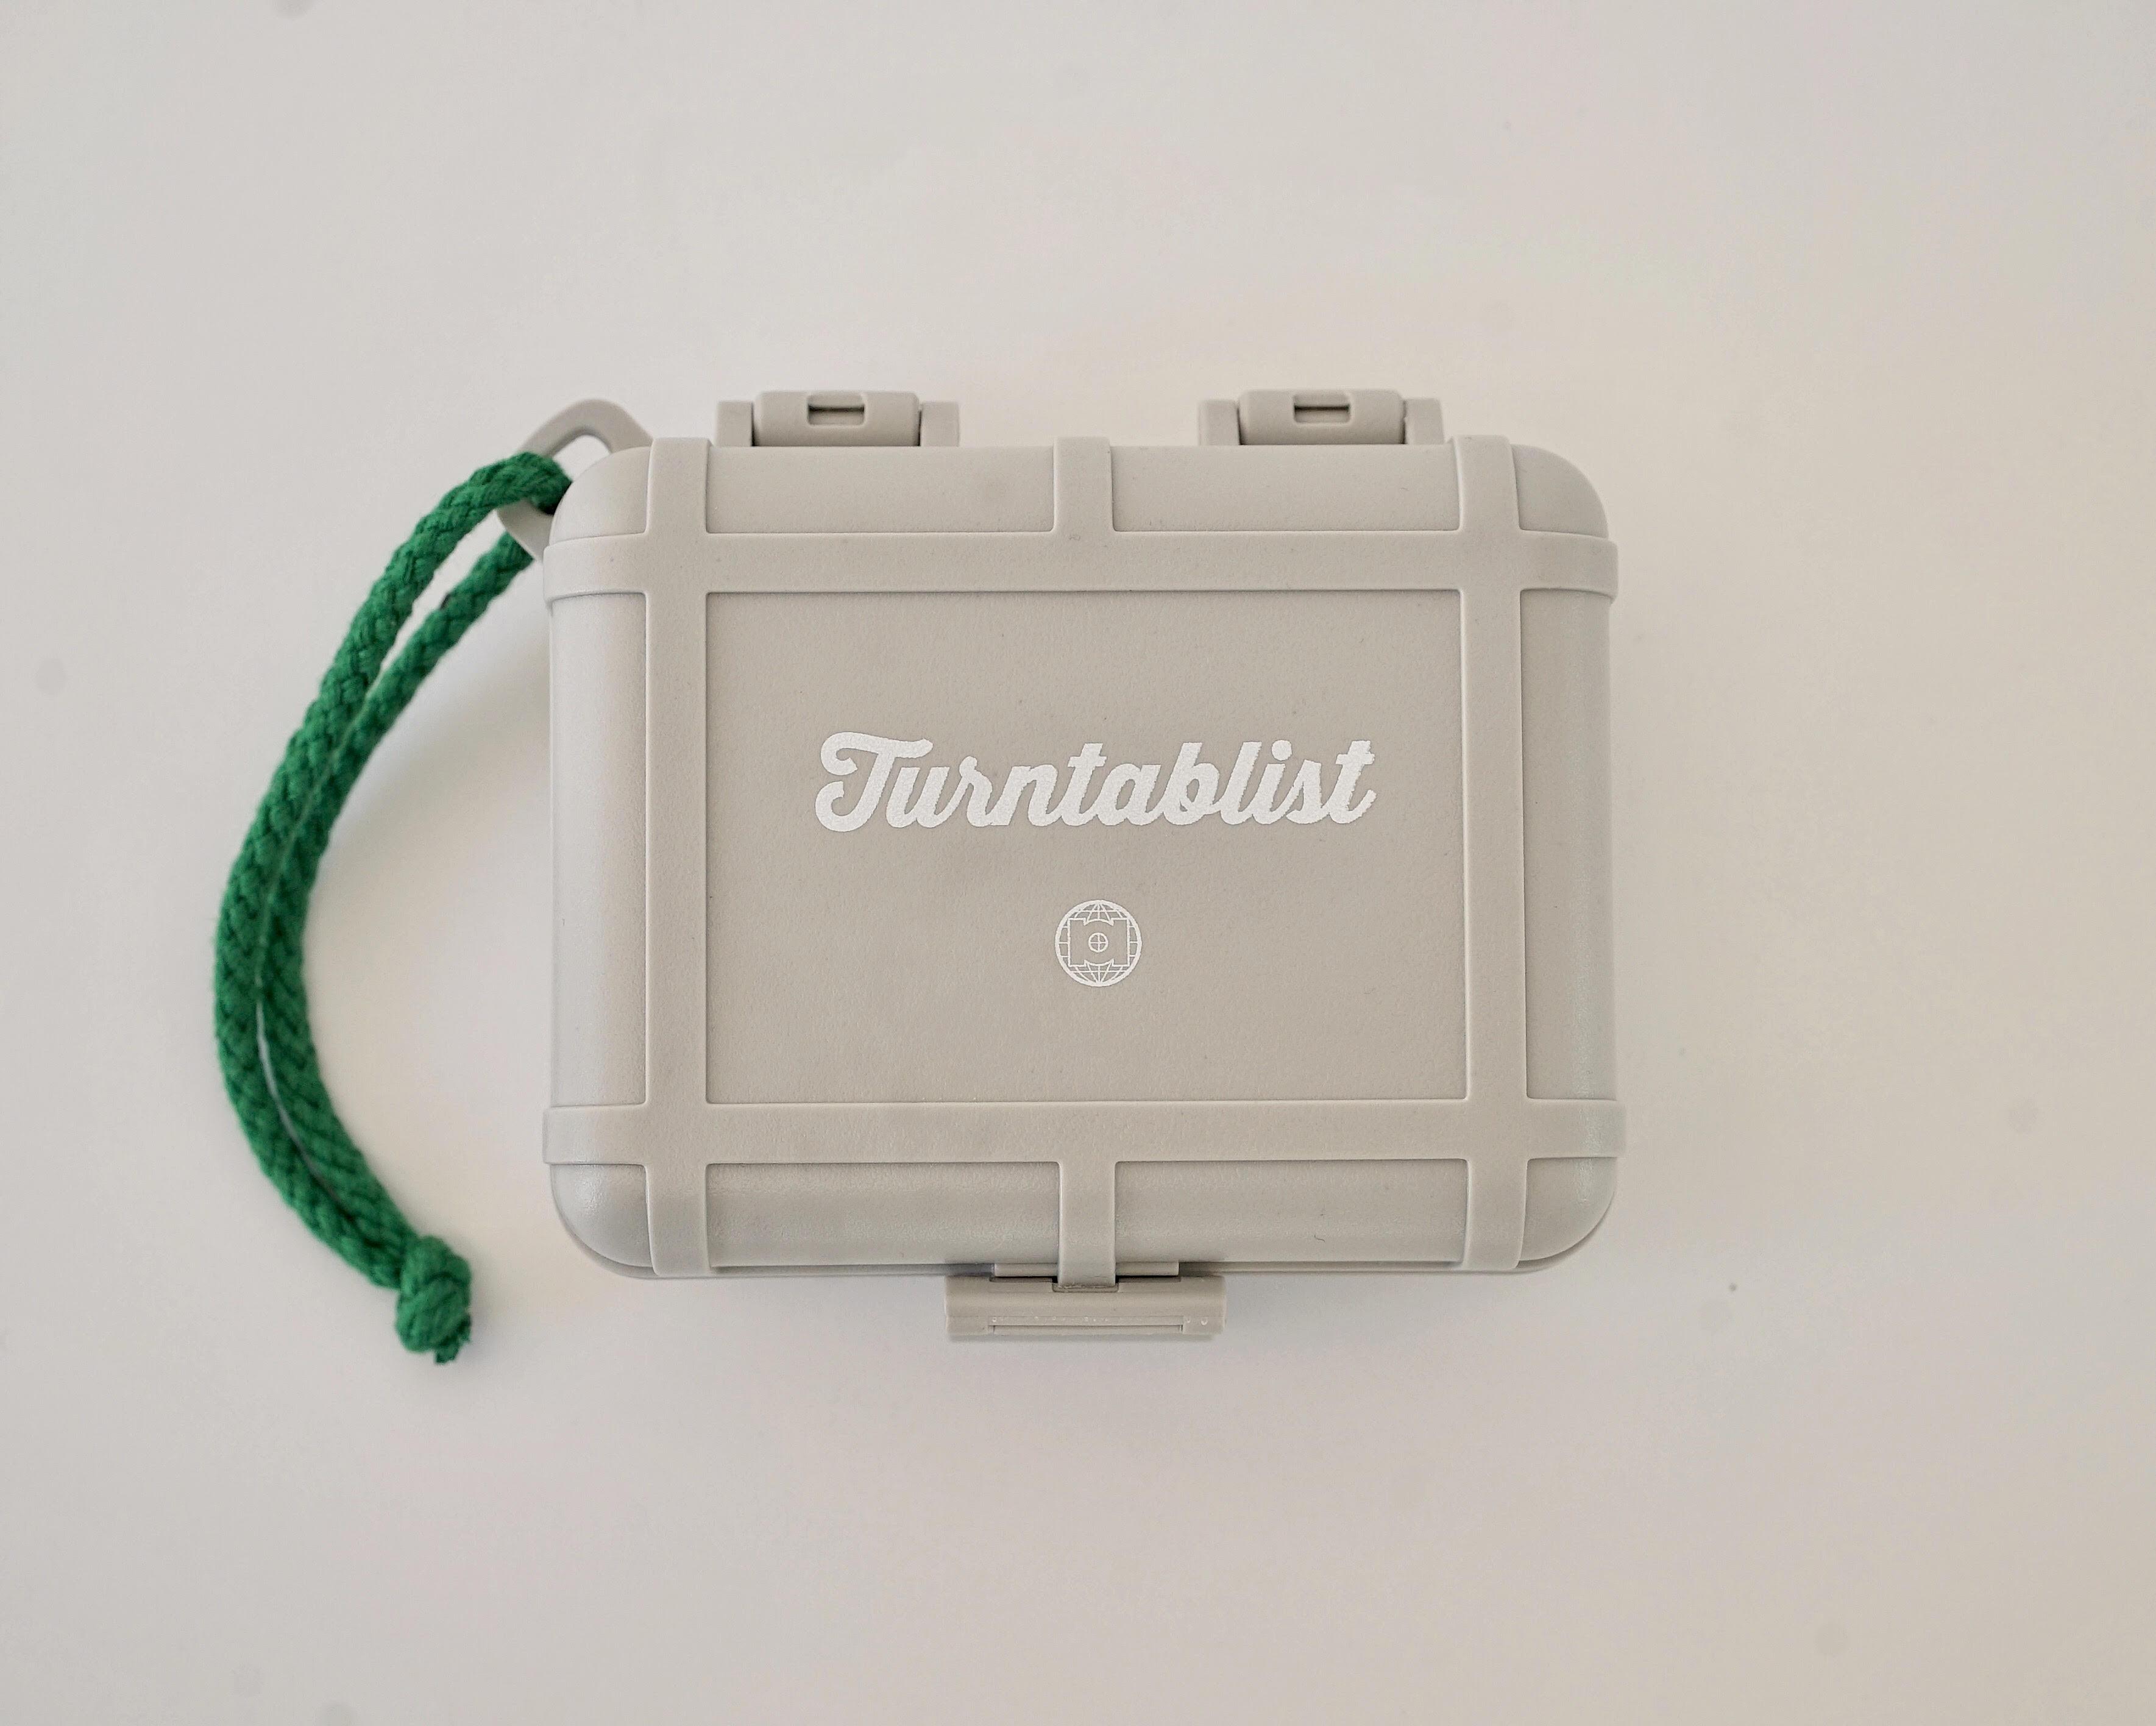 Turntablist Needle Case